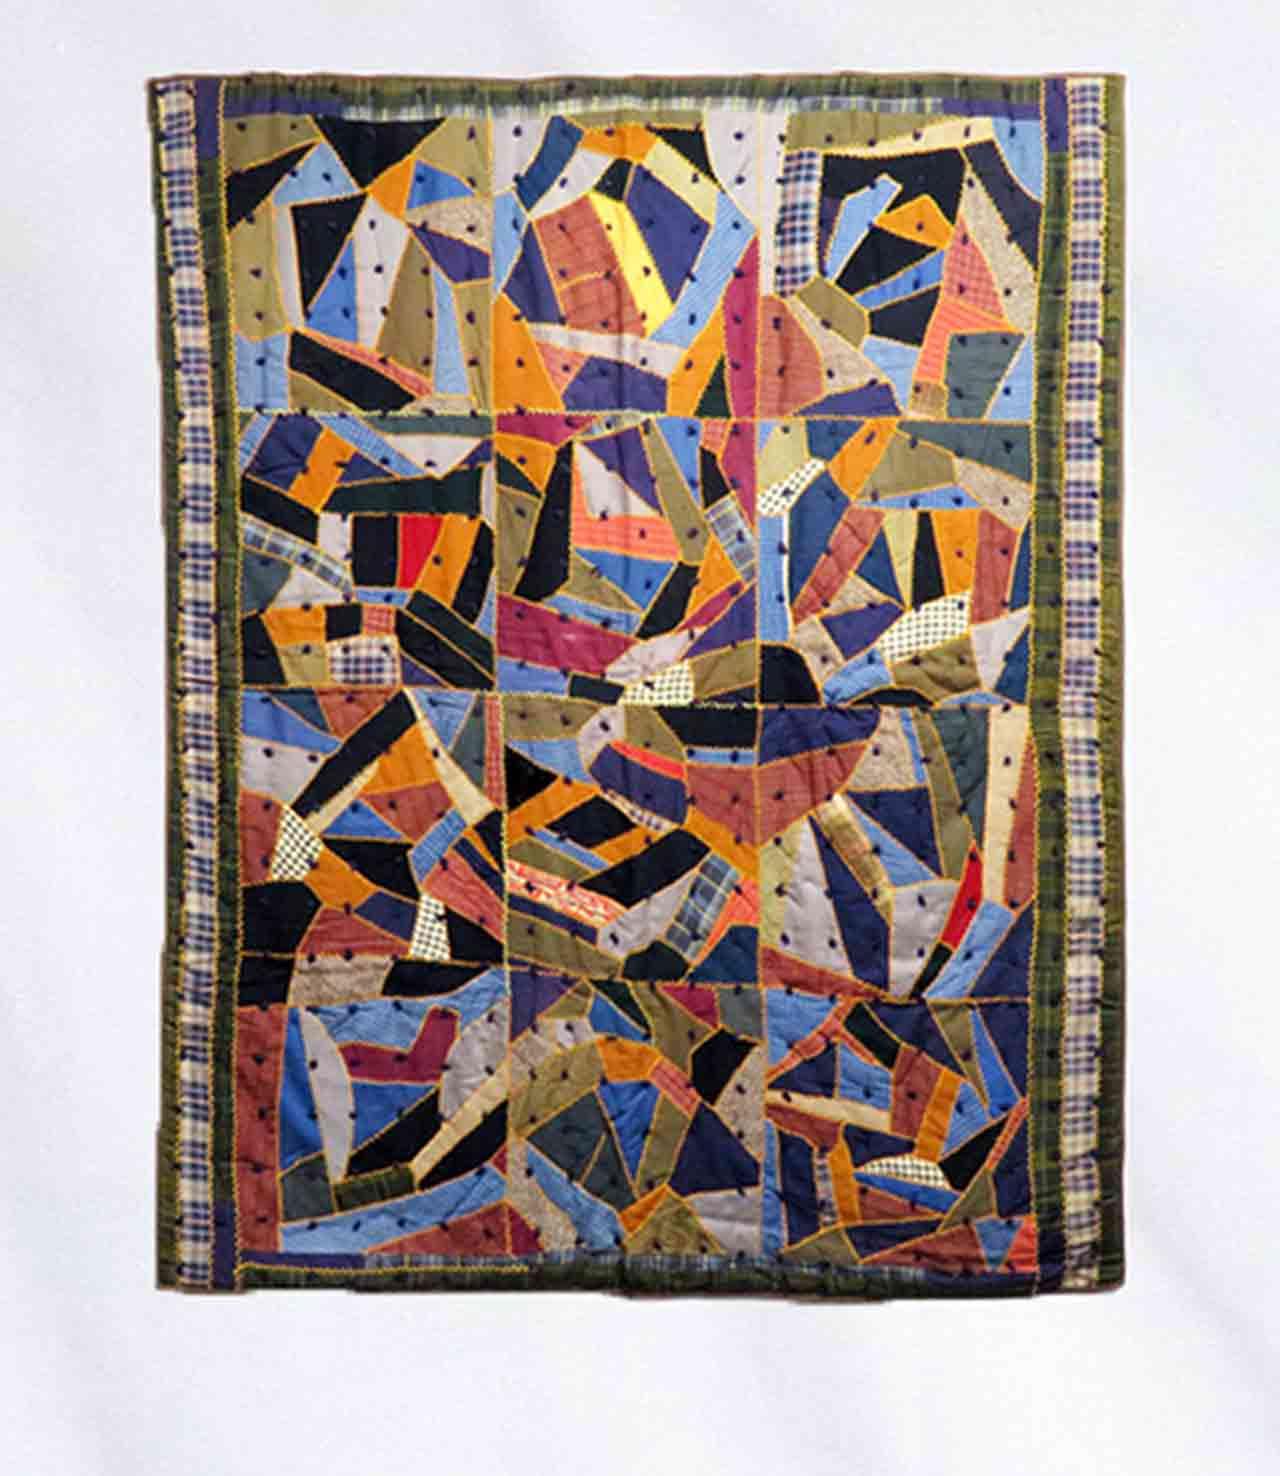 Crazy quilt, circa 1895, with twelve multicolored squares